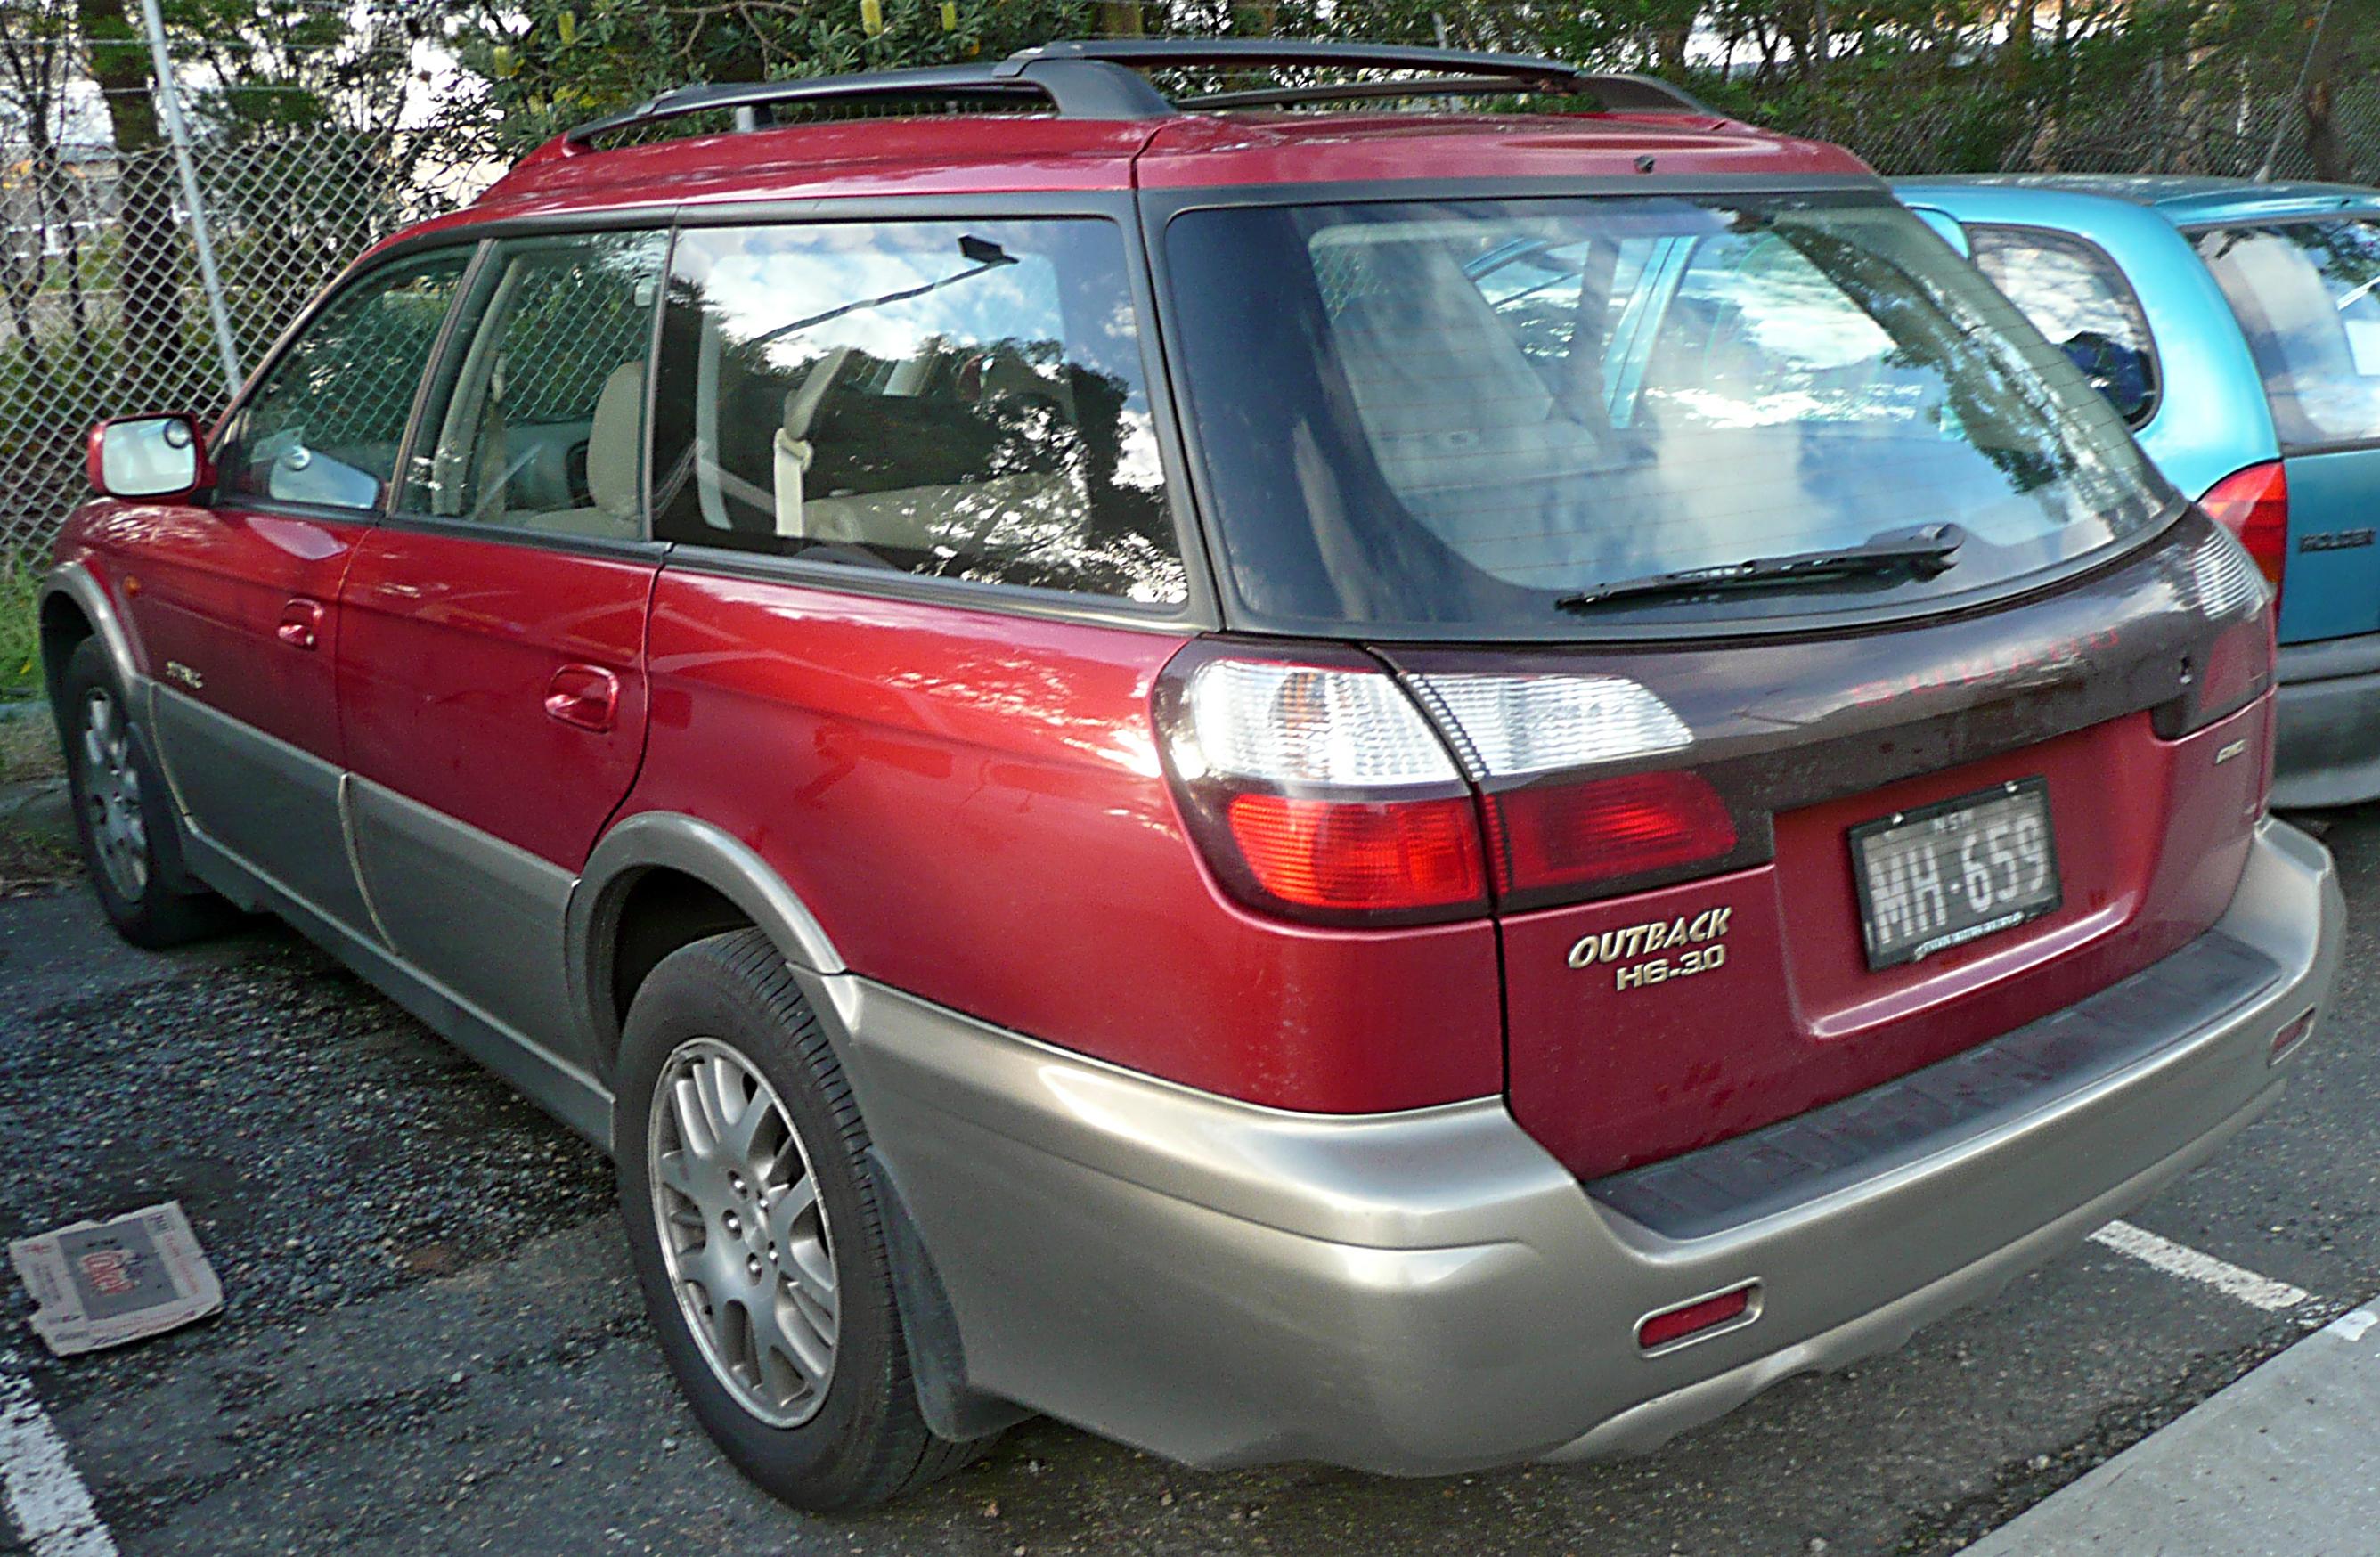 2000 Subaru Outback Image 14